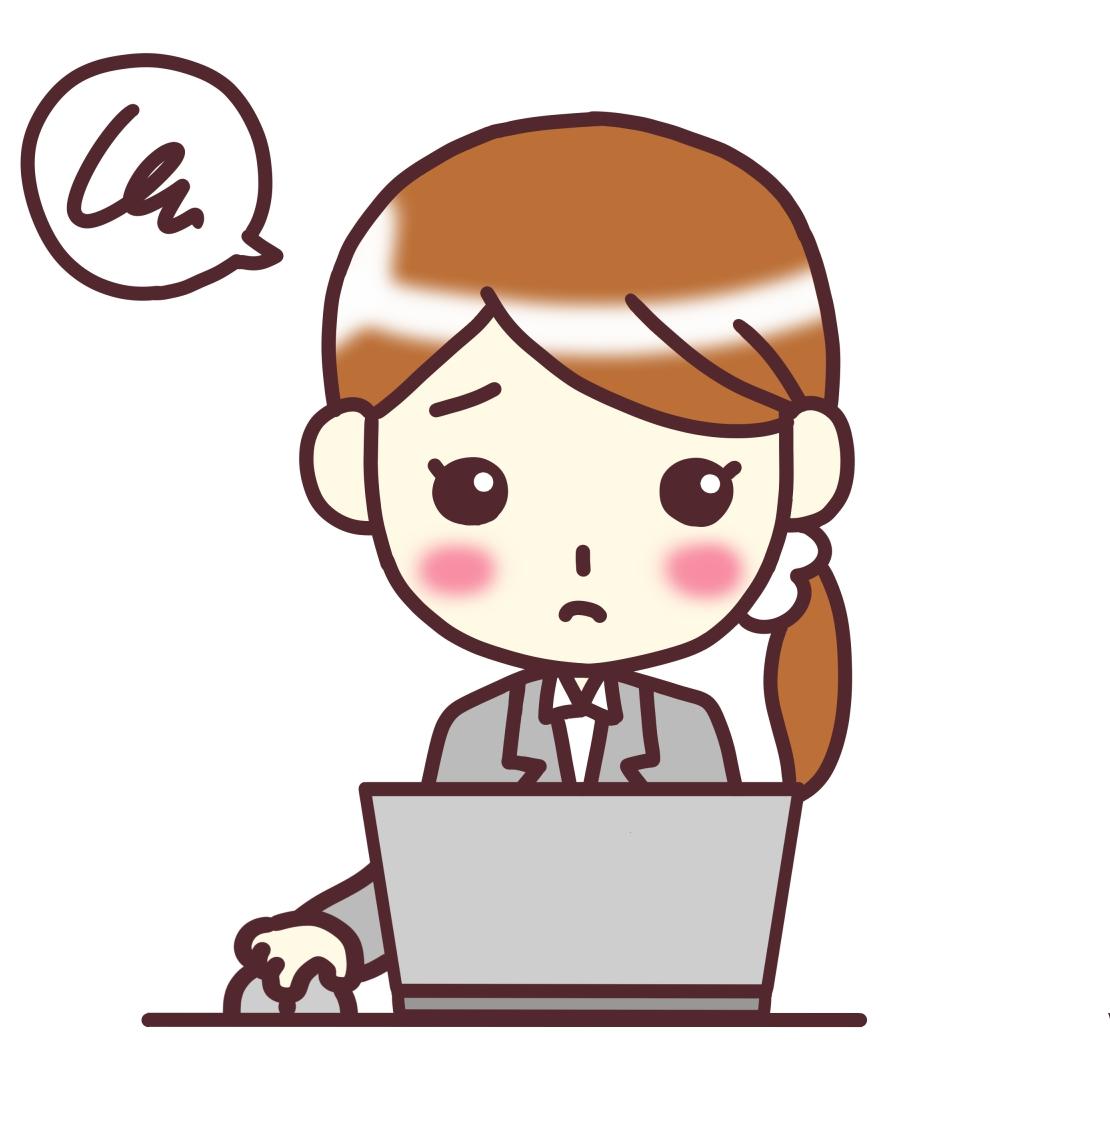 パソコンは面倒くさいと感じてしまいます?